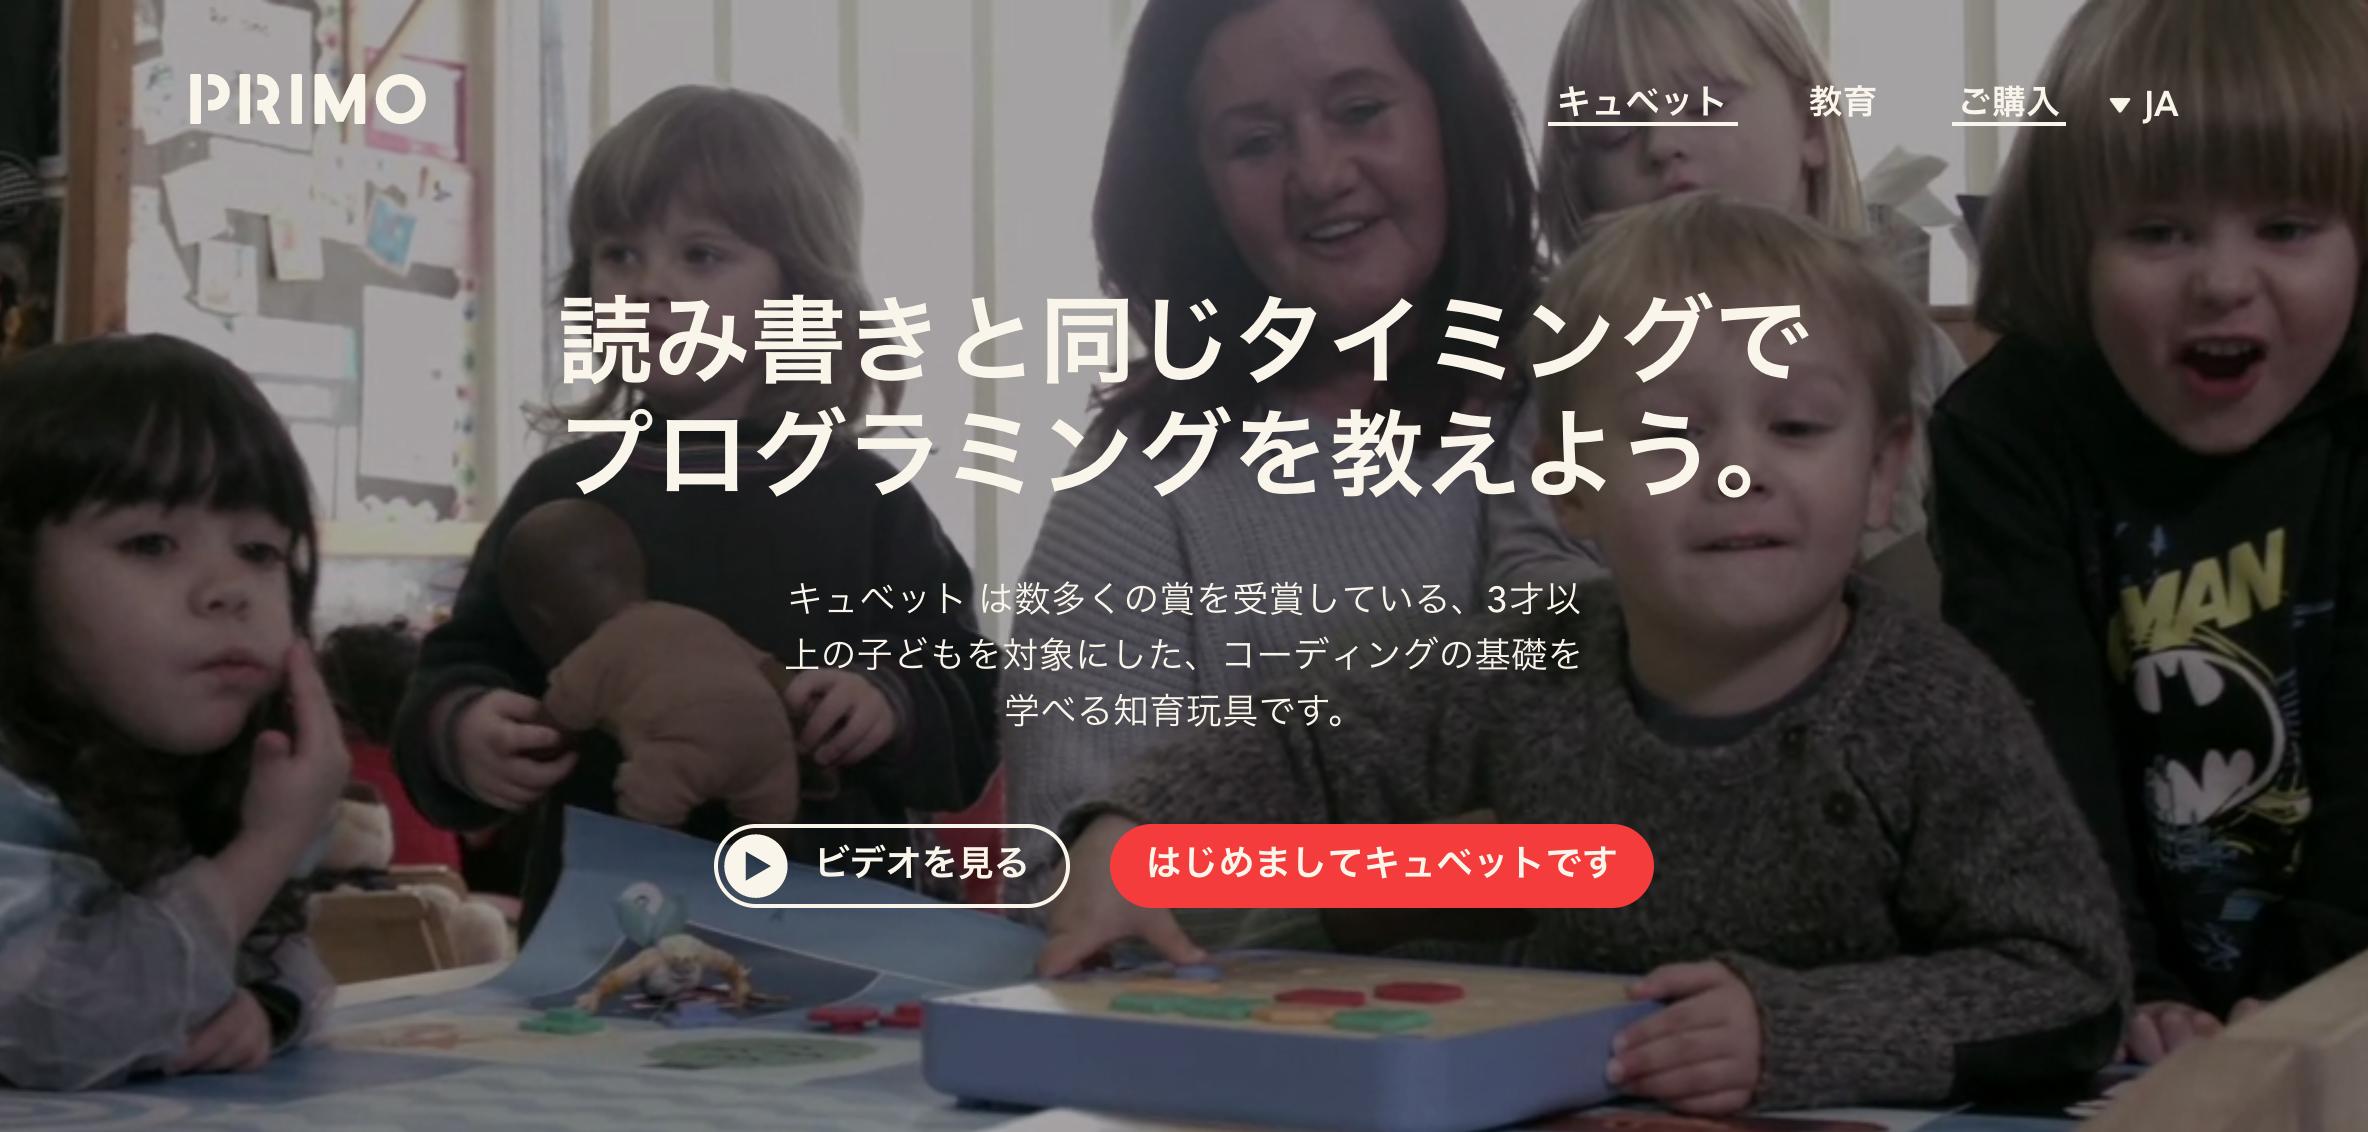 FireShot Capture 257 - Cubetto_ コーディングとプログラミングを教えてくれる子ども向けロボット - https___www.primotoys.com_ja_